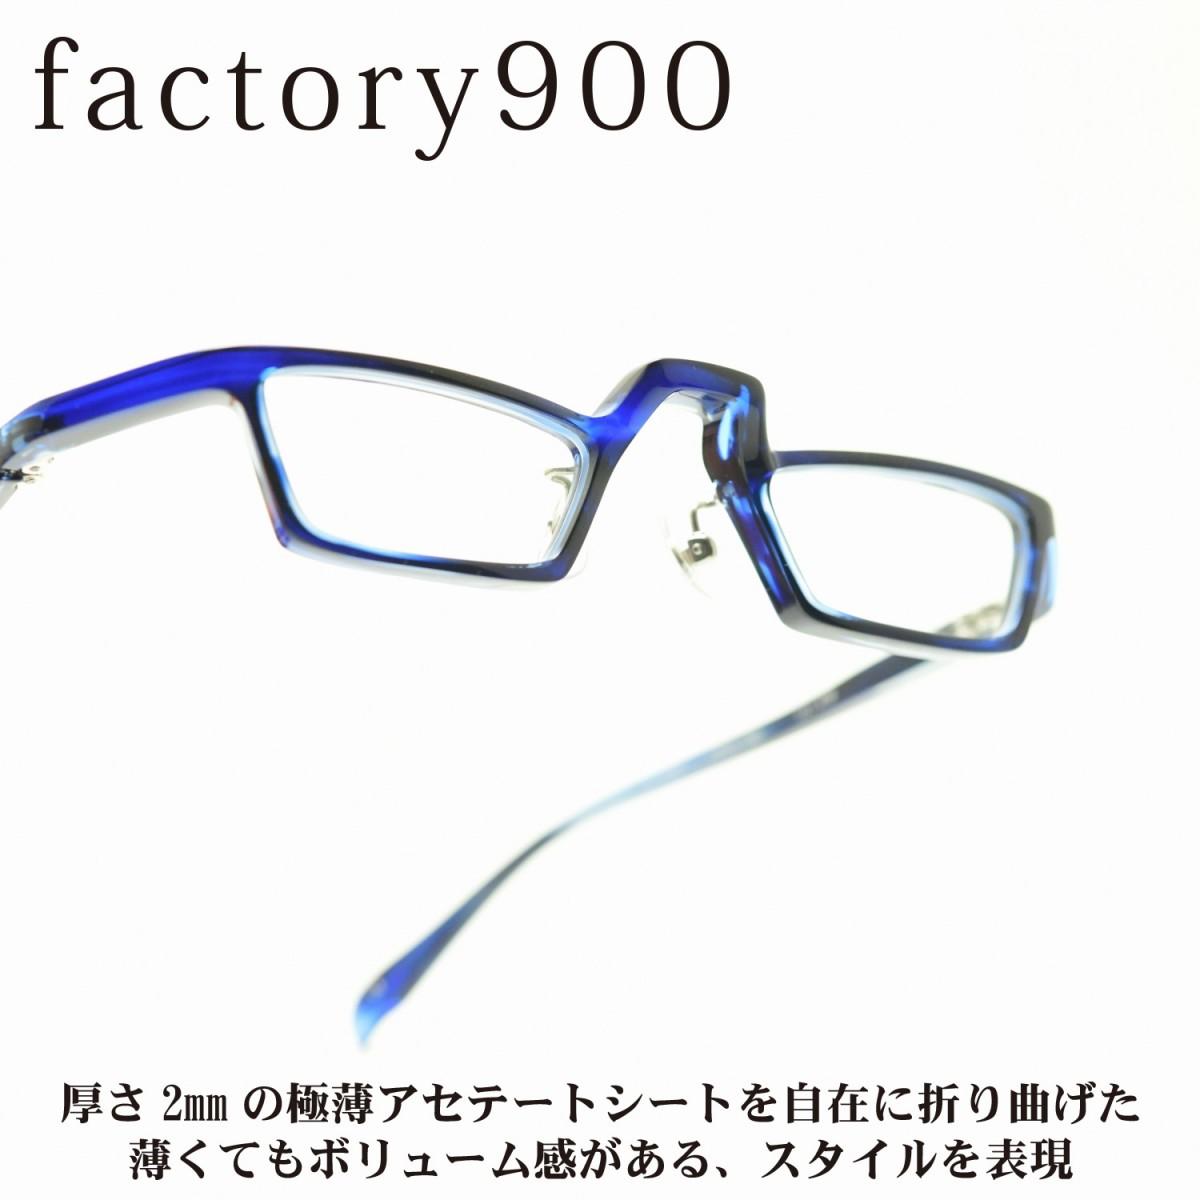 factory900 ファクトリー900FA-2040 col-478リーディンググラス 老眼鏡用フレーム